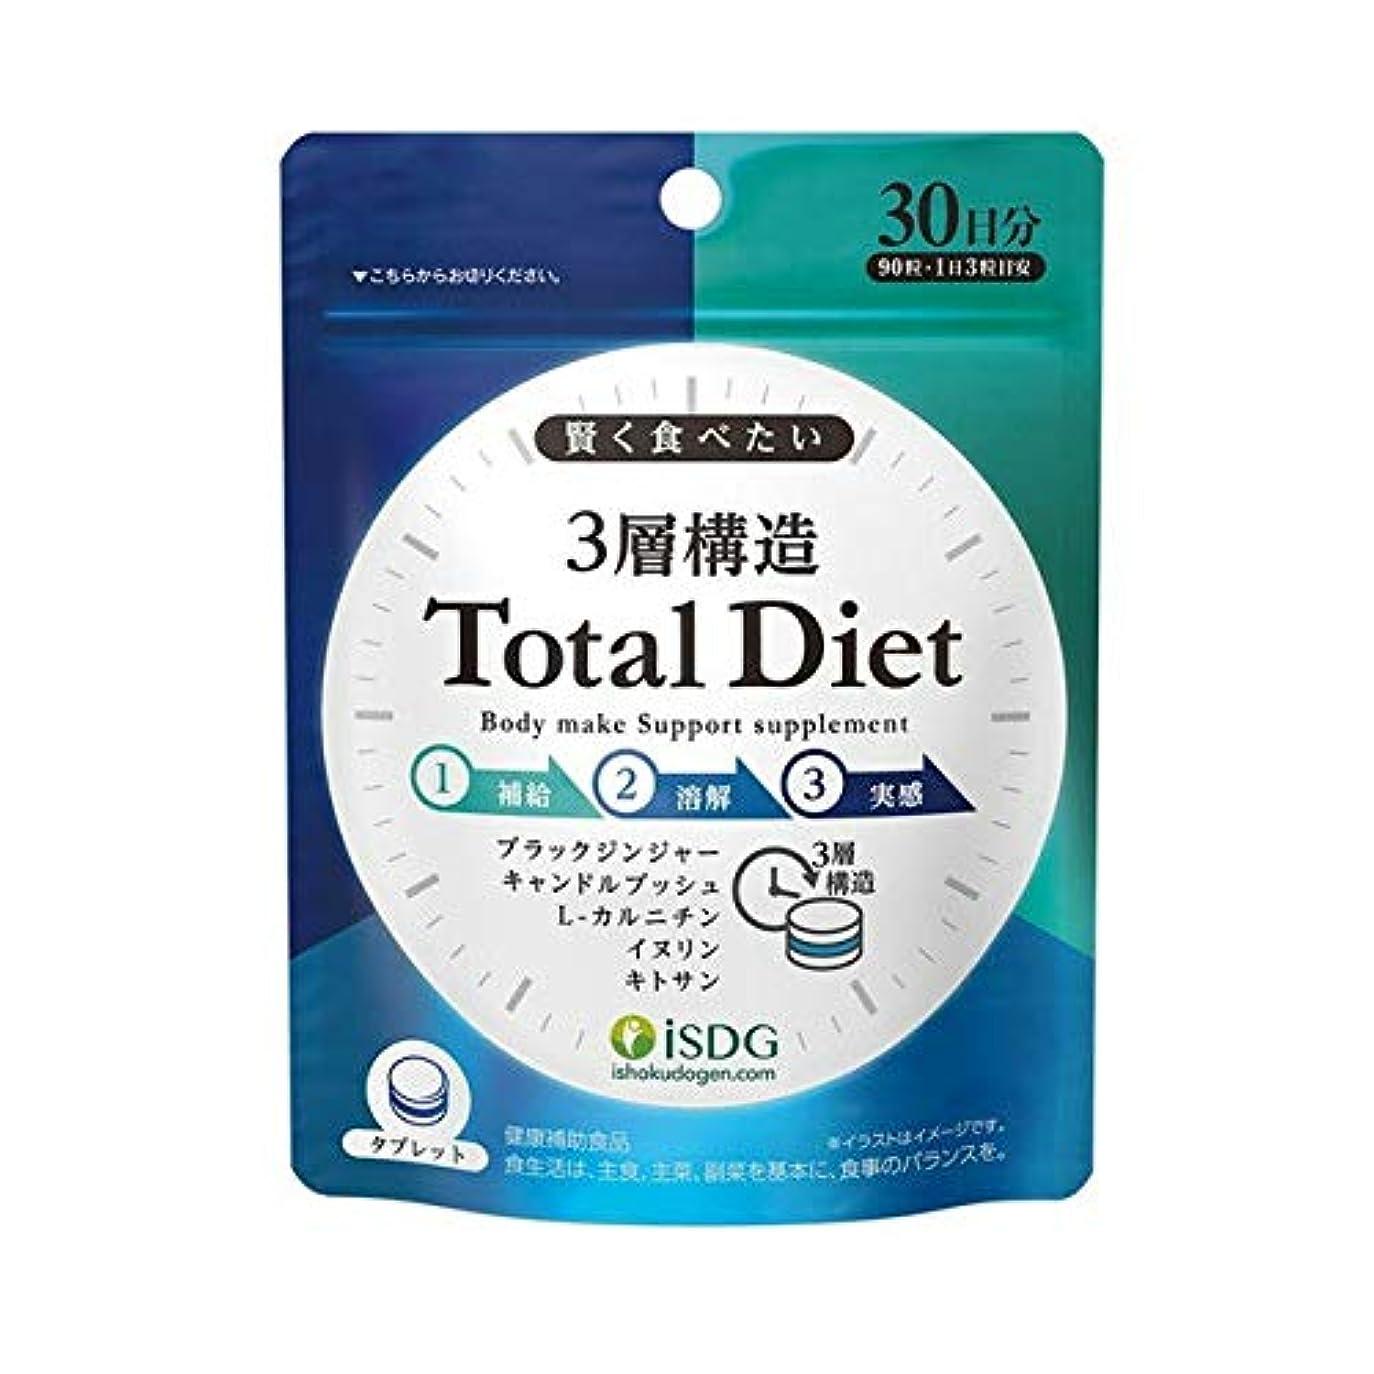 気分解釈的枝医食同源ドットコム ISDG 3層構造 Total Diet 90粒入 トータル ダイエット×3個セット